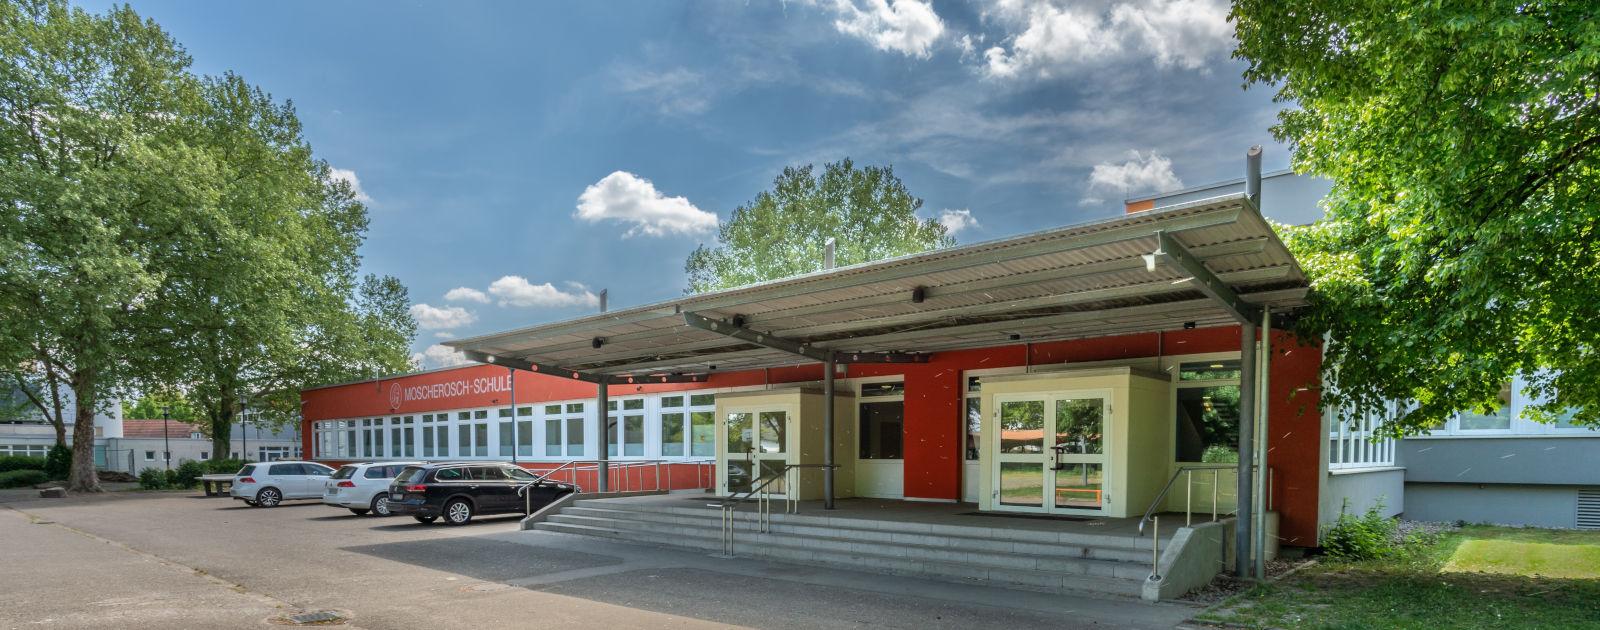 Außenansicht Moscherosch-Schule Willstätt